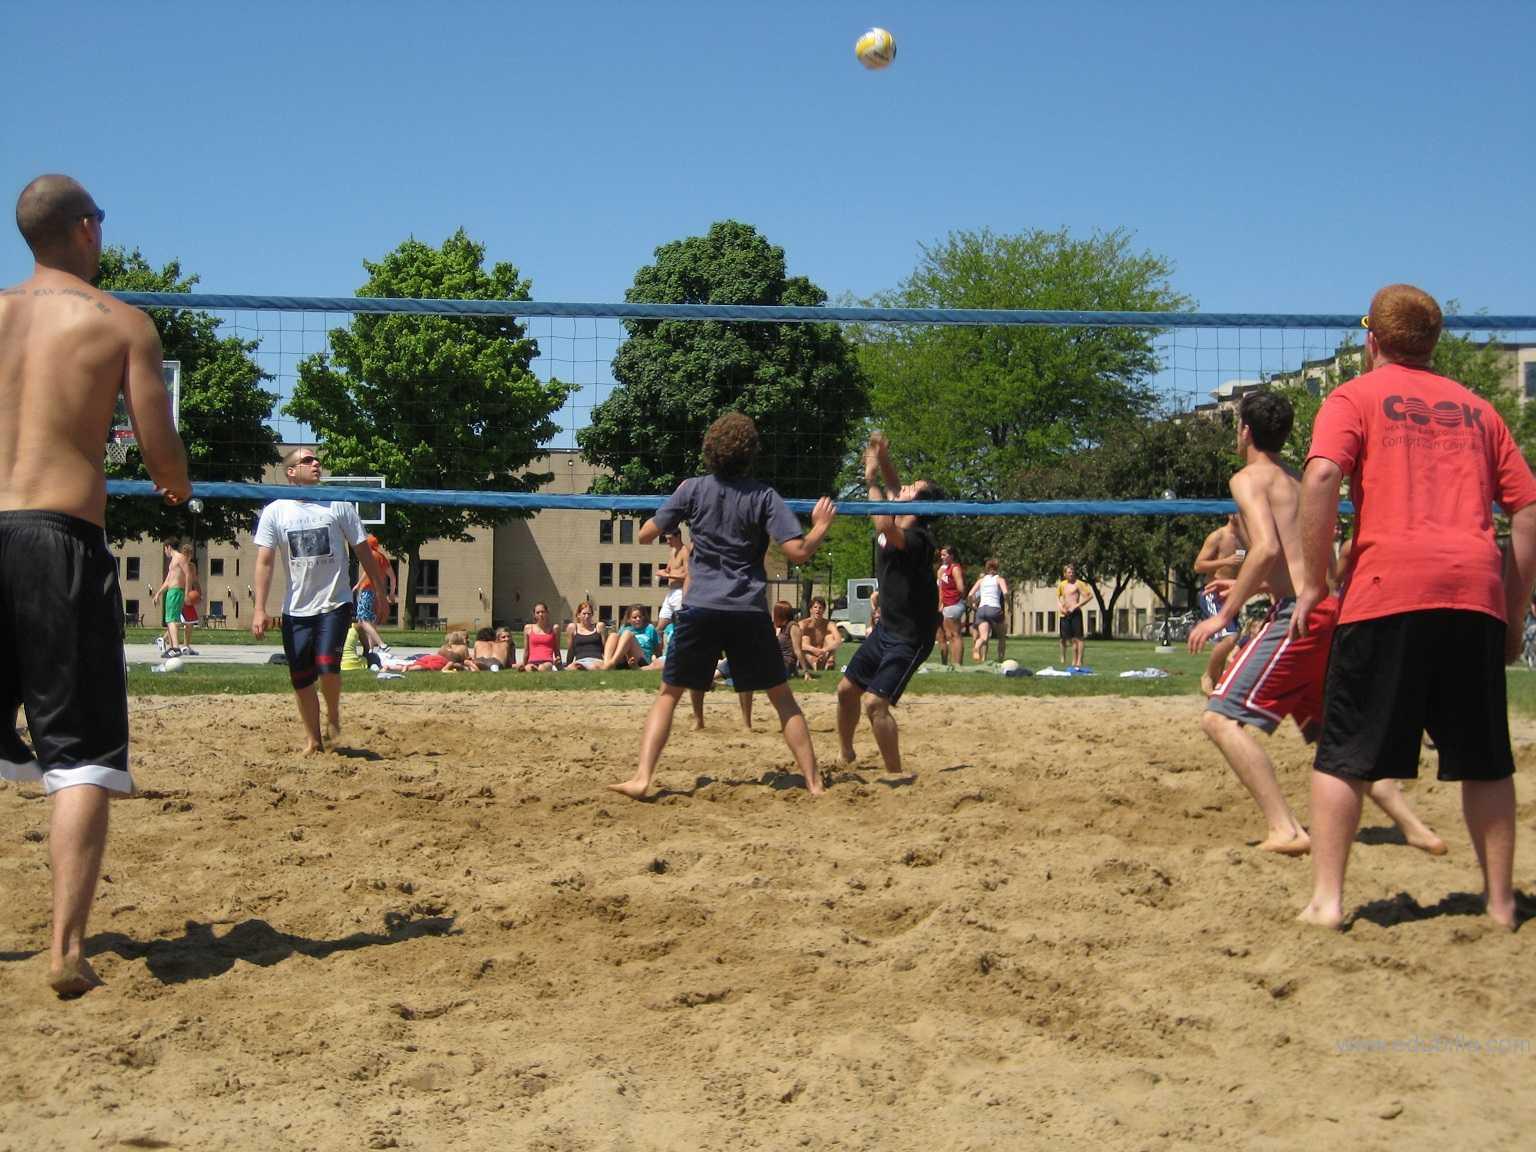 beachvolleyball10.jpg